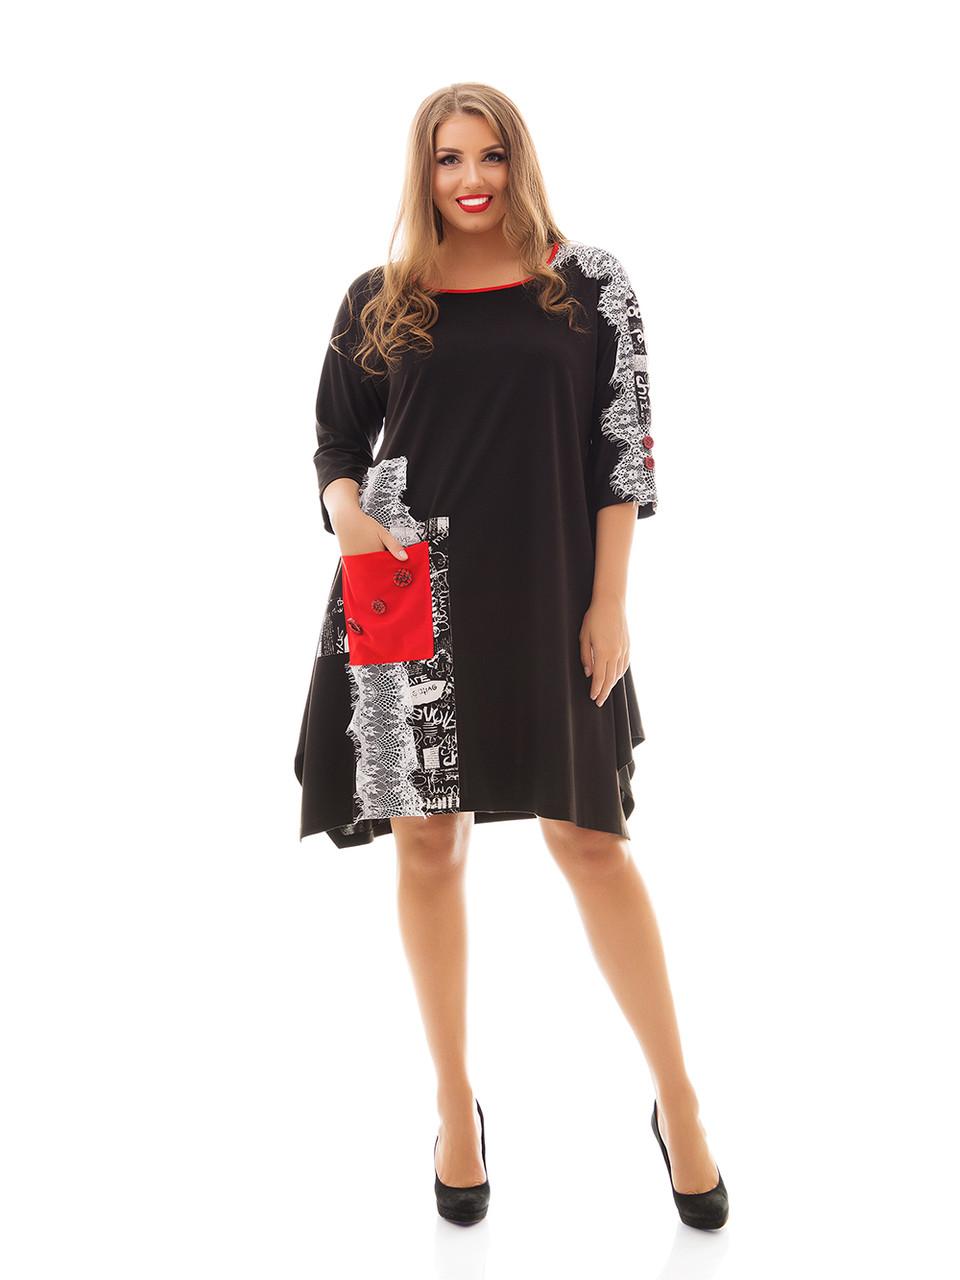 Женское платье 74 размера